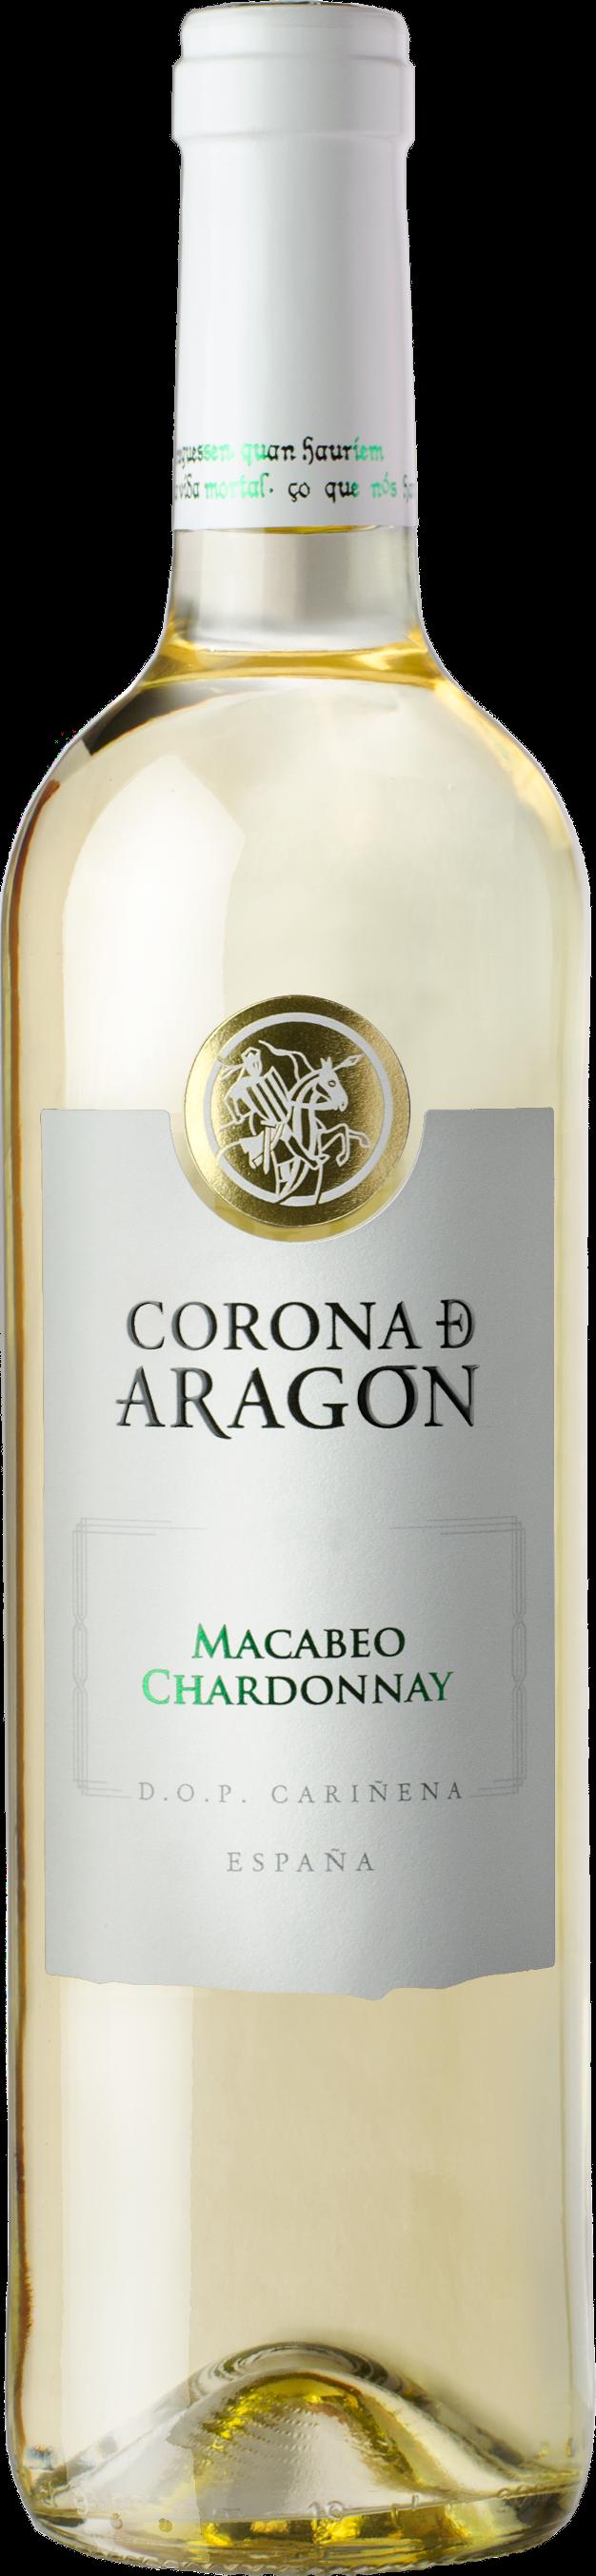 Corona de Aragón Blanco 2017